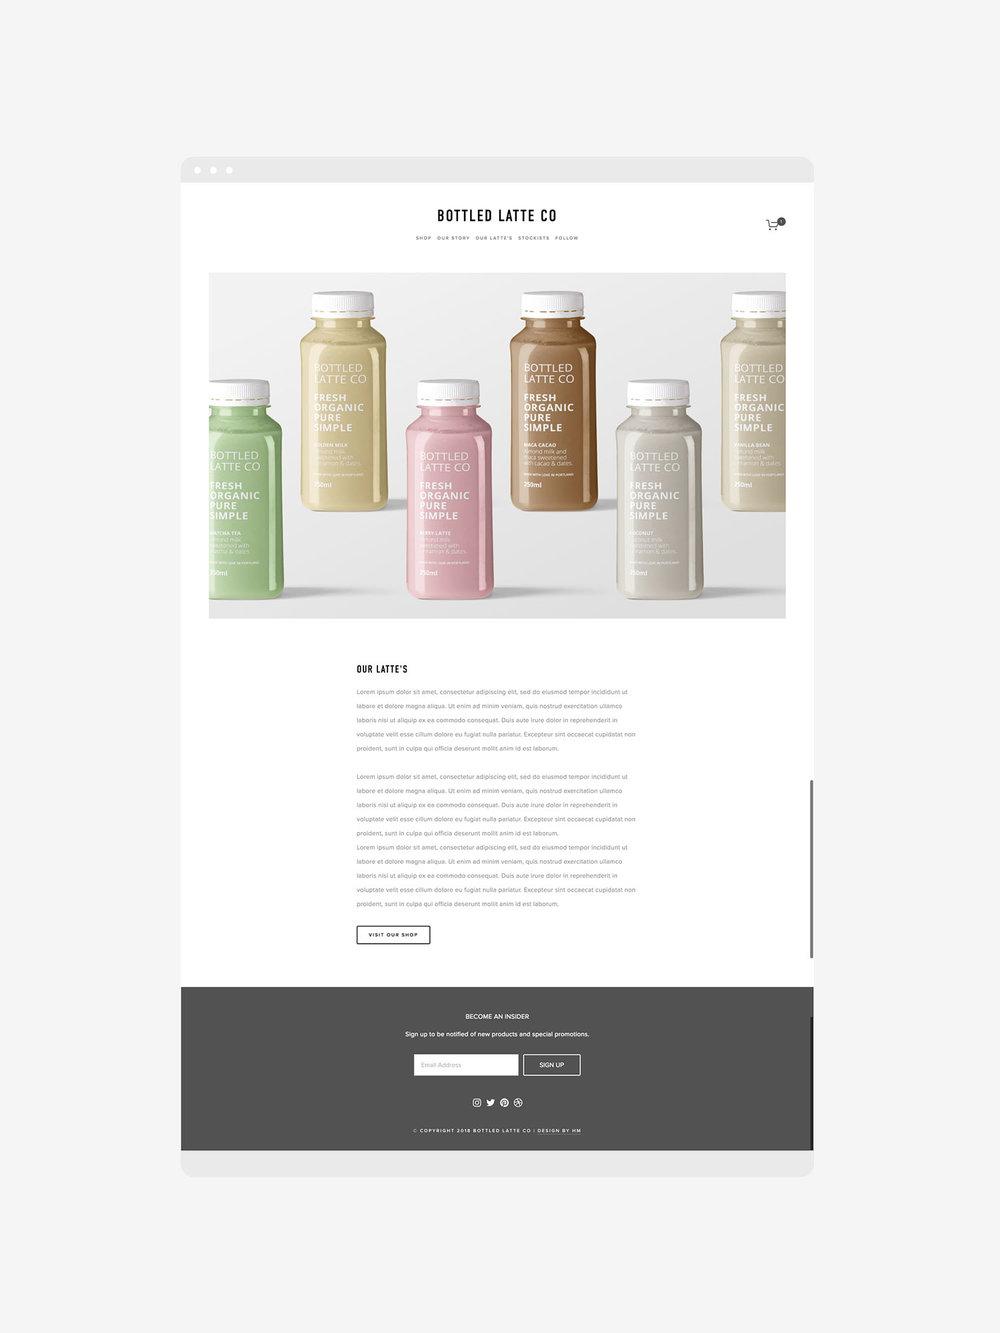 Bottled-Latte-Co-Superfood-Lattes-Portland-Website-Design-Squarespace-Heather-Maehr